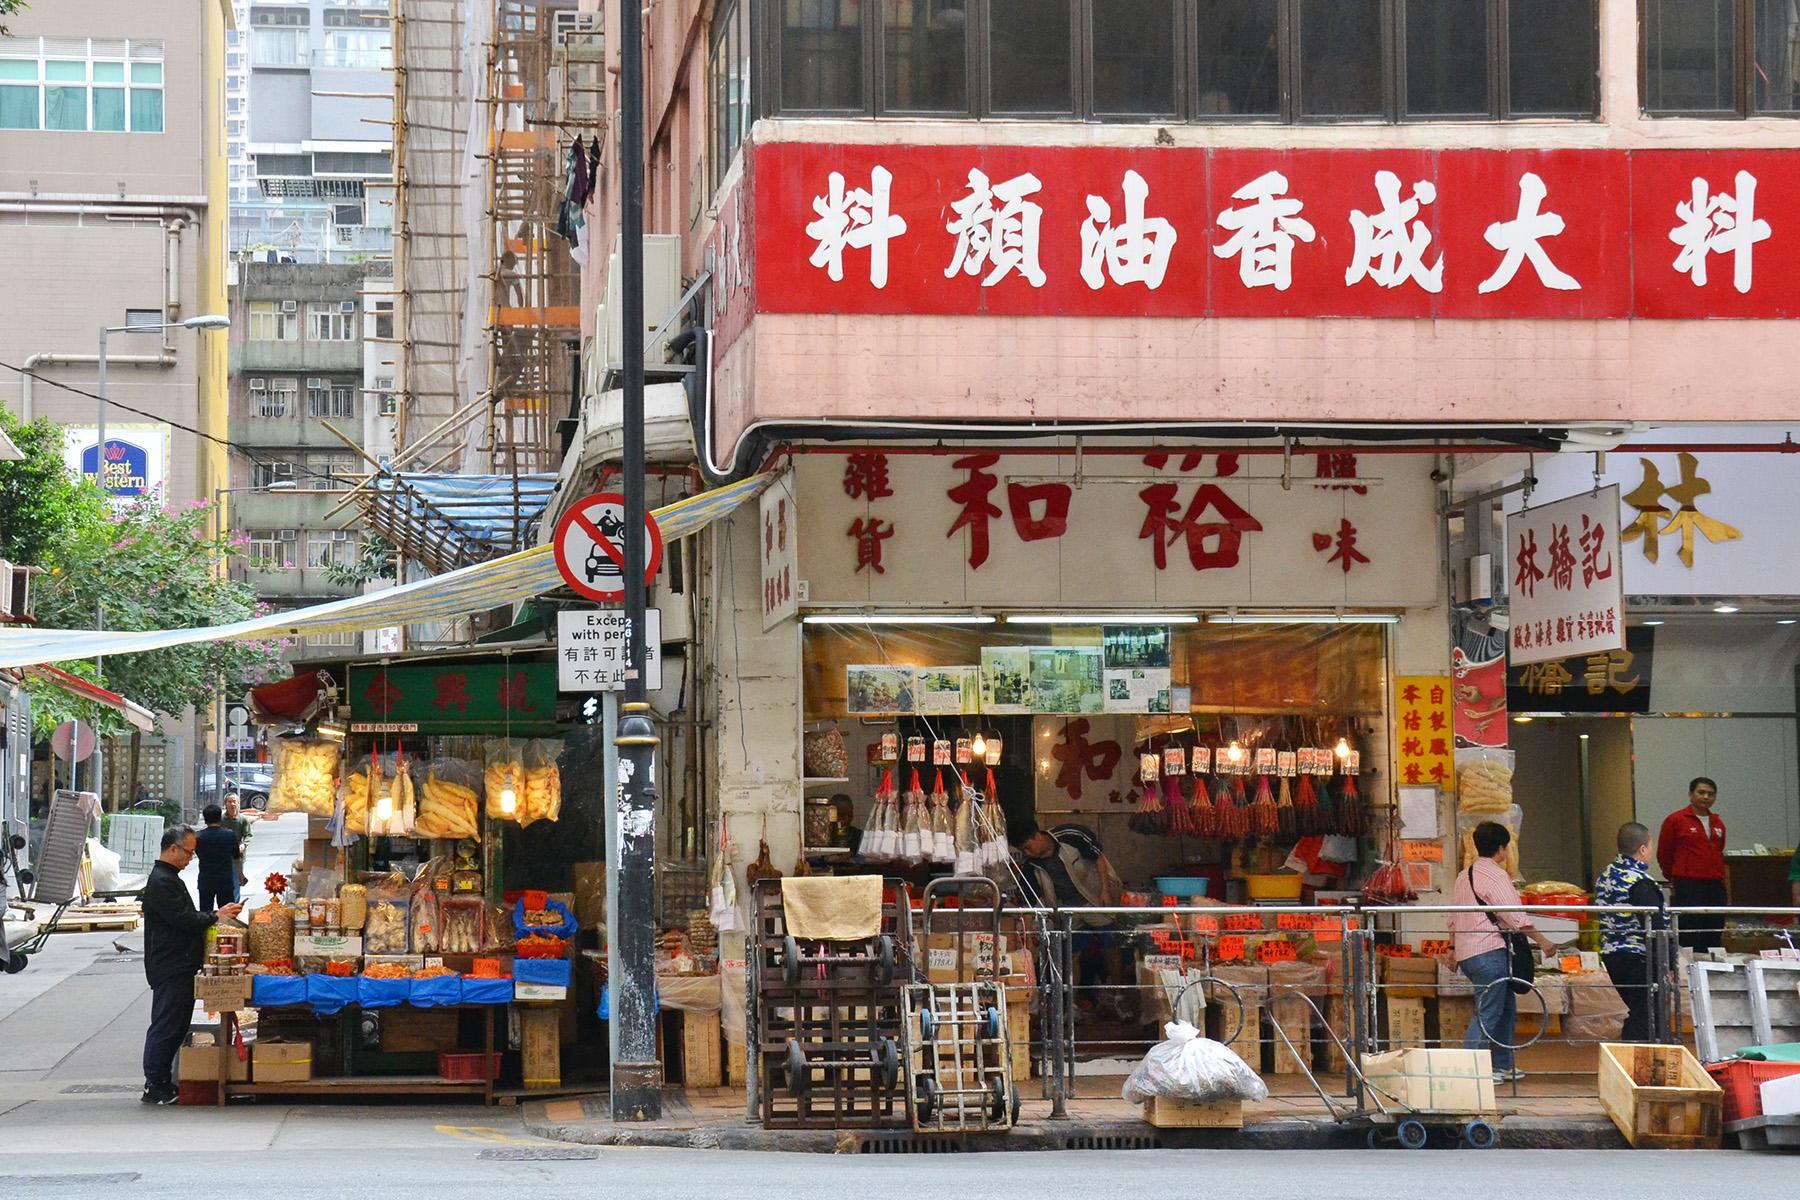 Cantonese sign at a shop in Hong Kong